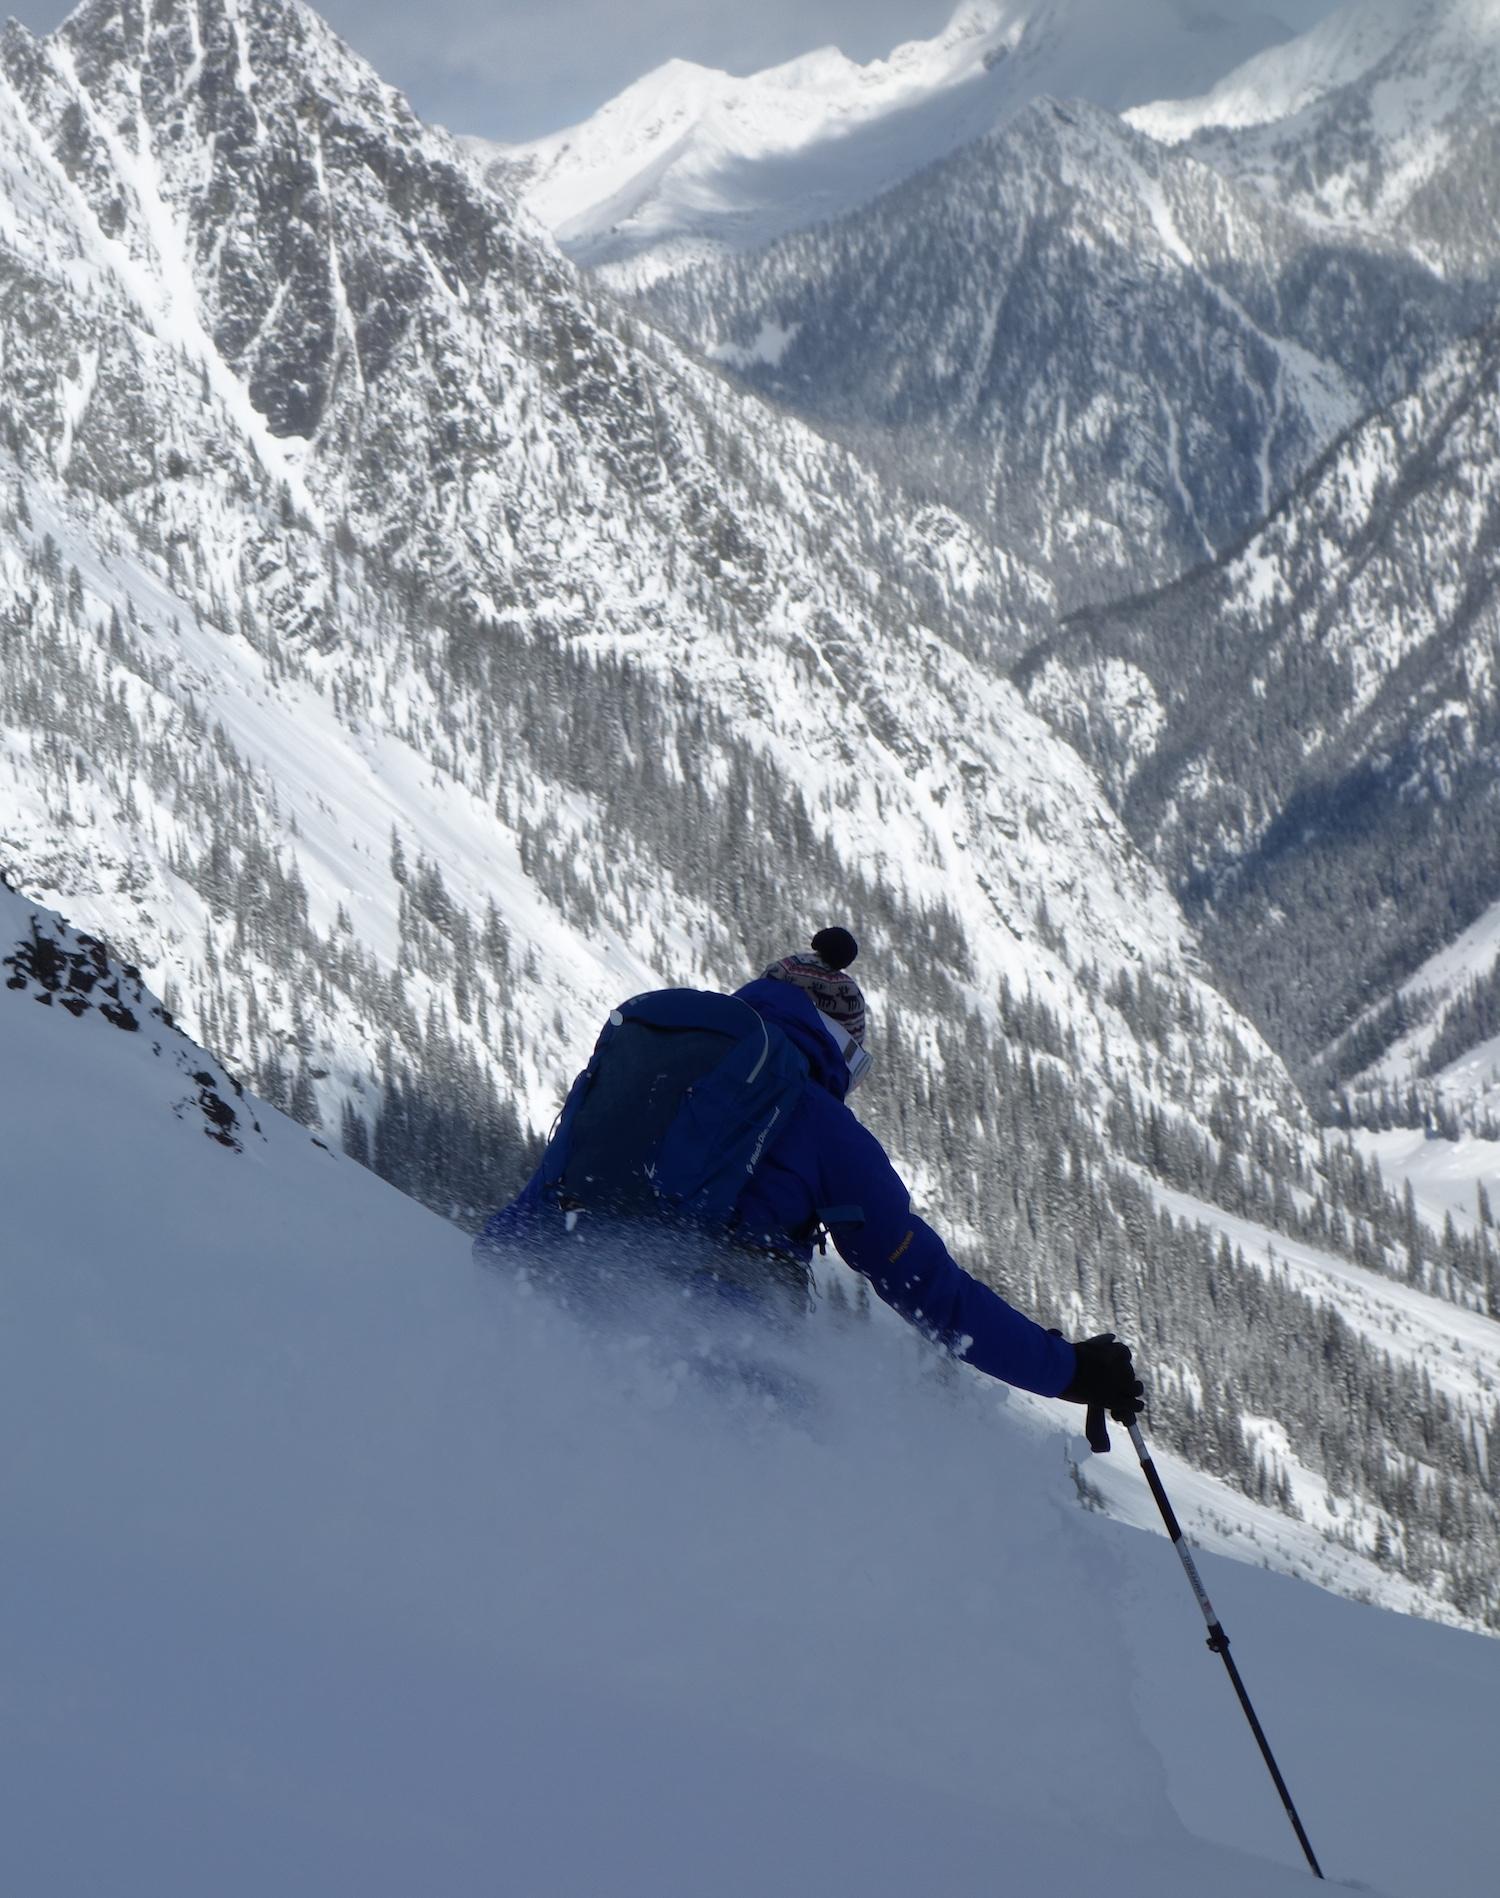 powder-skiing-at-boulder-hut.jpg